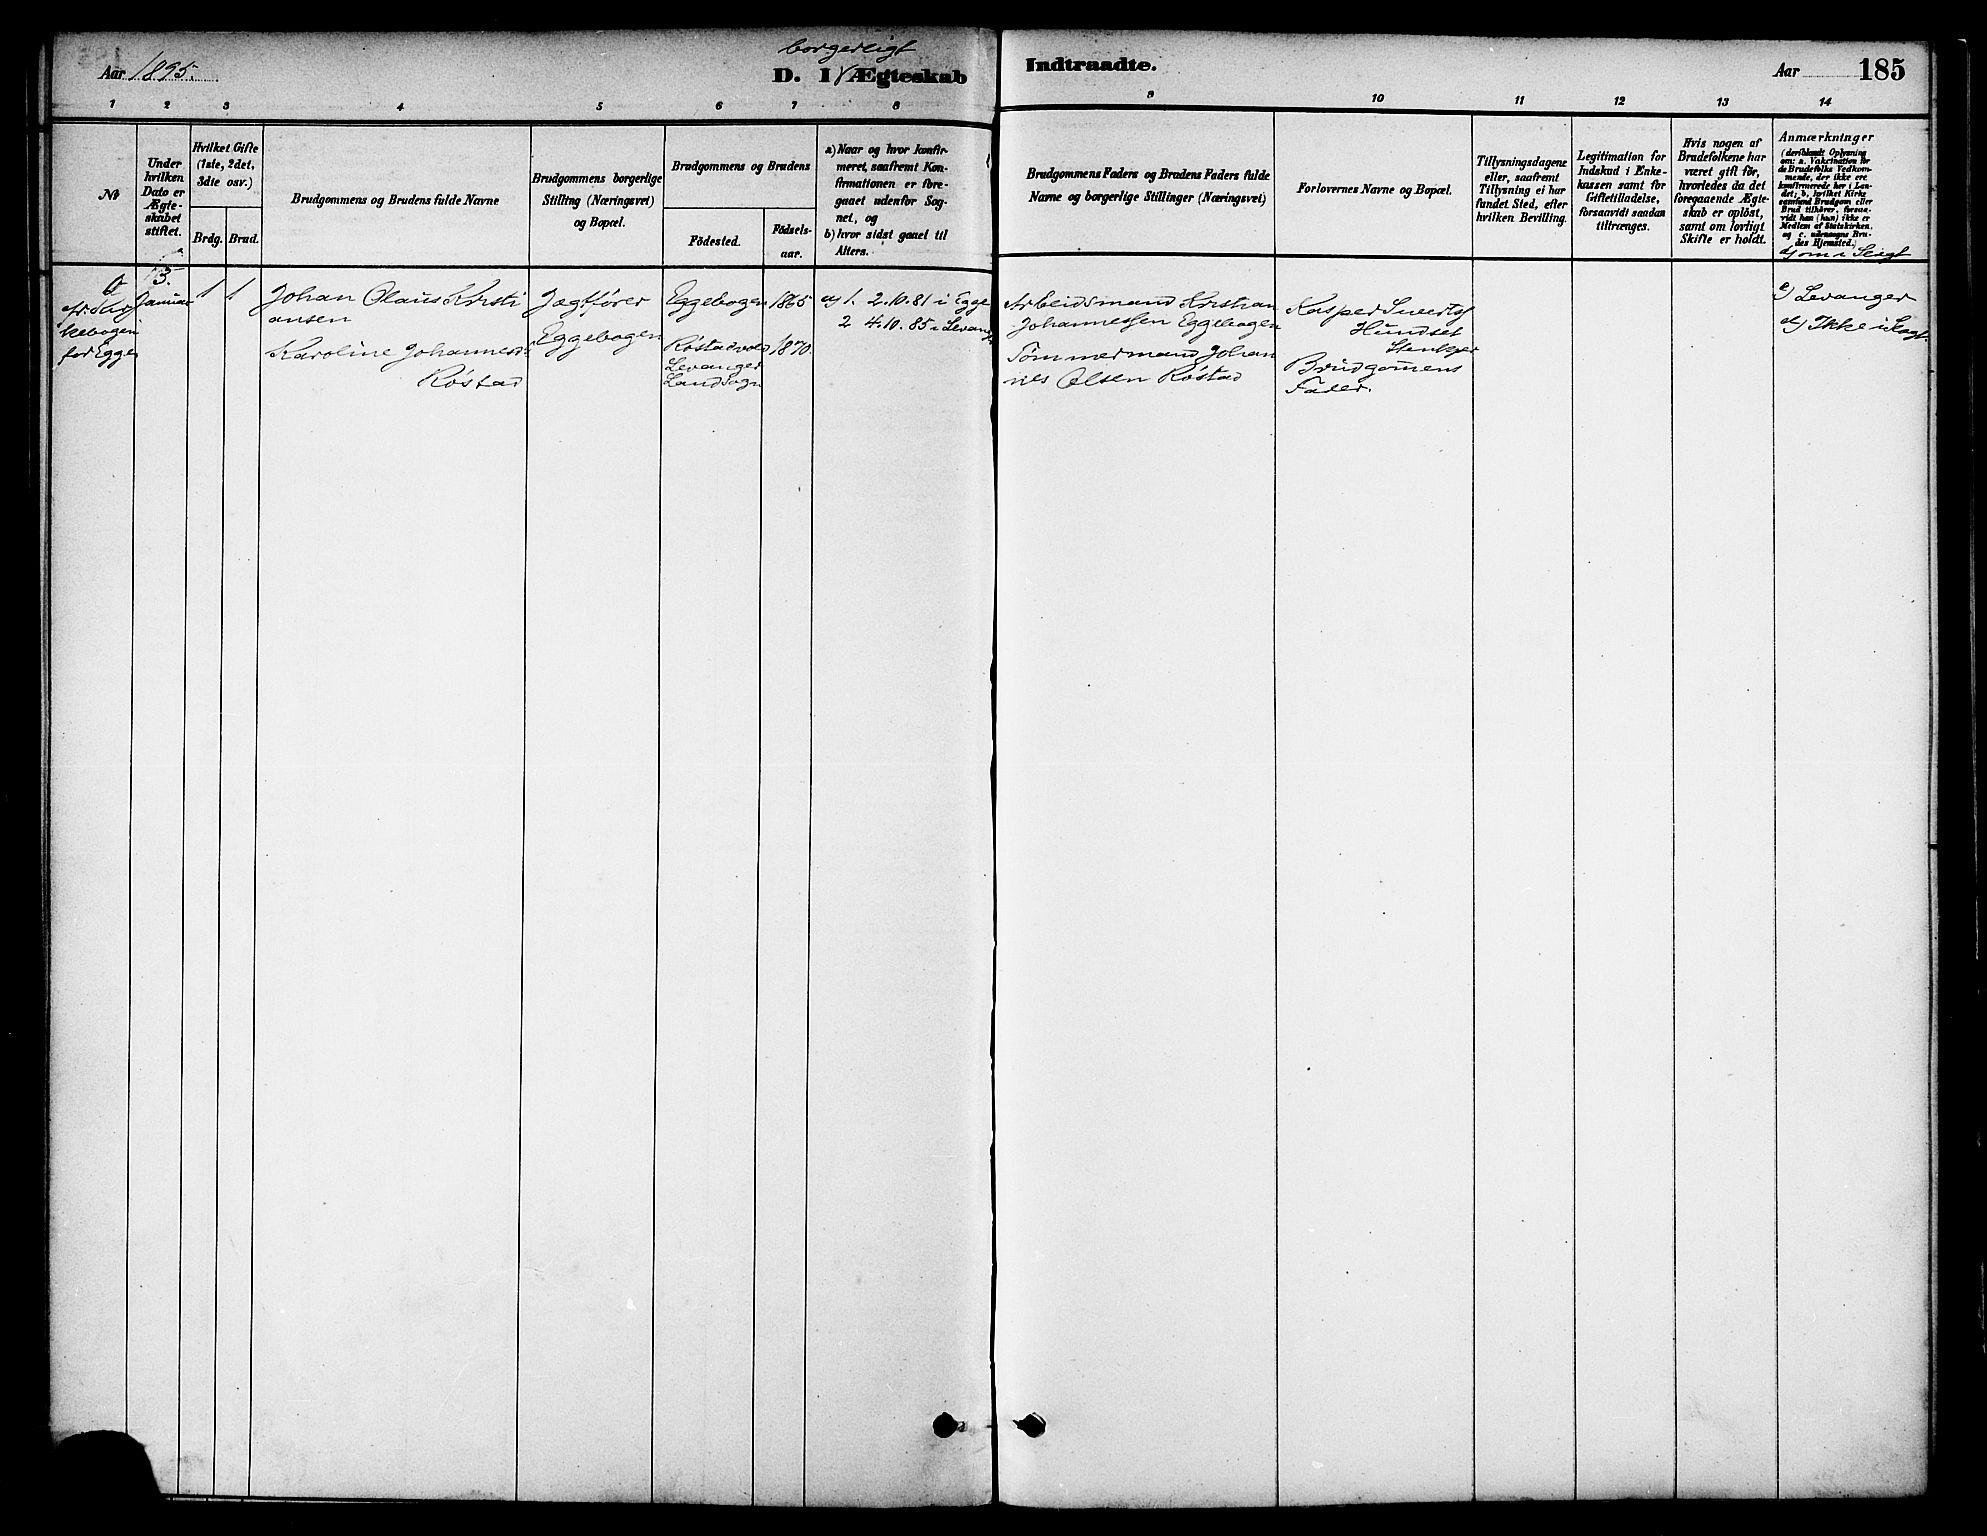 SAT, Ministerialprotokoller, klokkerbøker og fødselsregistre - Nord-Trøndelag, 739/L0371: Ministerialbok nr. 739A03, 1881-1895, s. 185